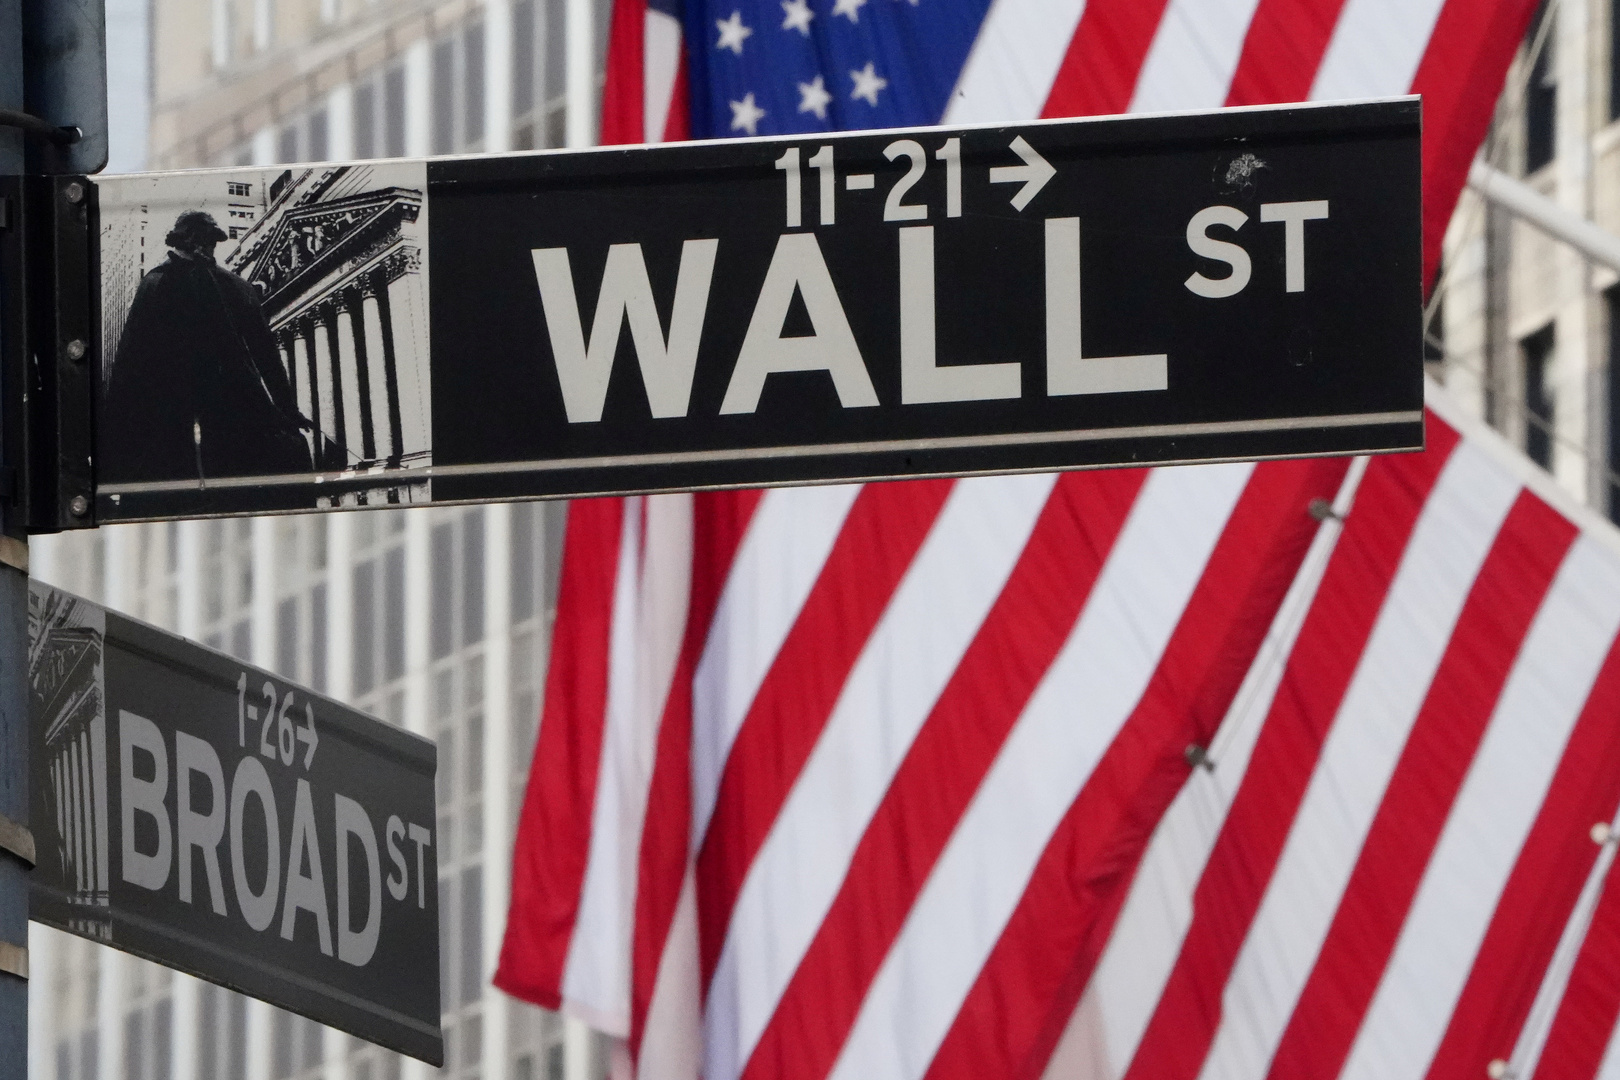 الأسواق المالية تسجل نموا بانتظار تريليوني دولار من الكونغرس